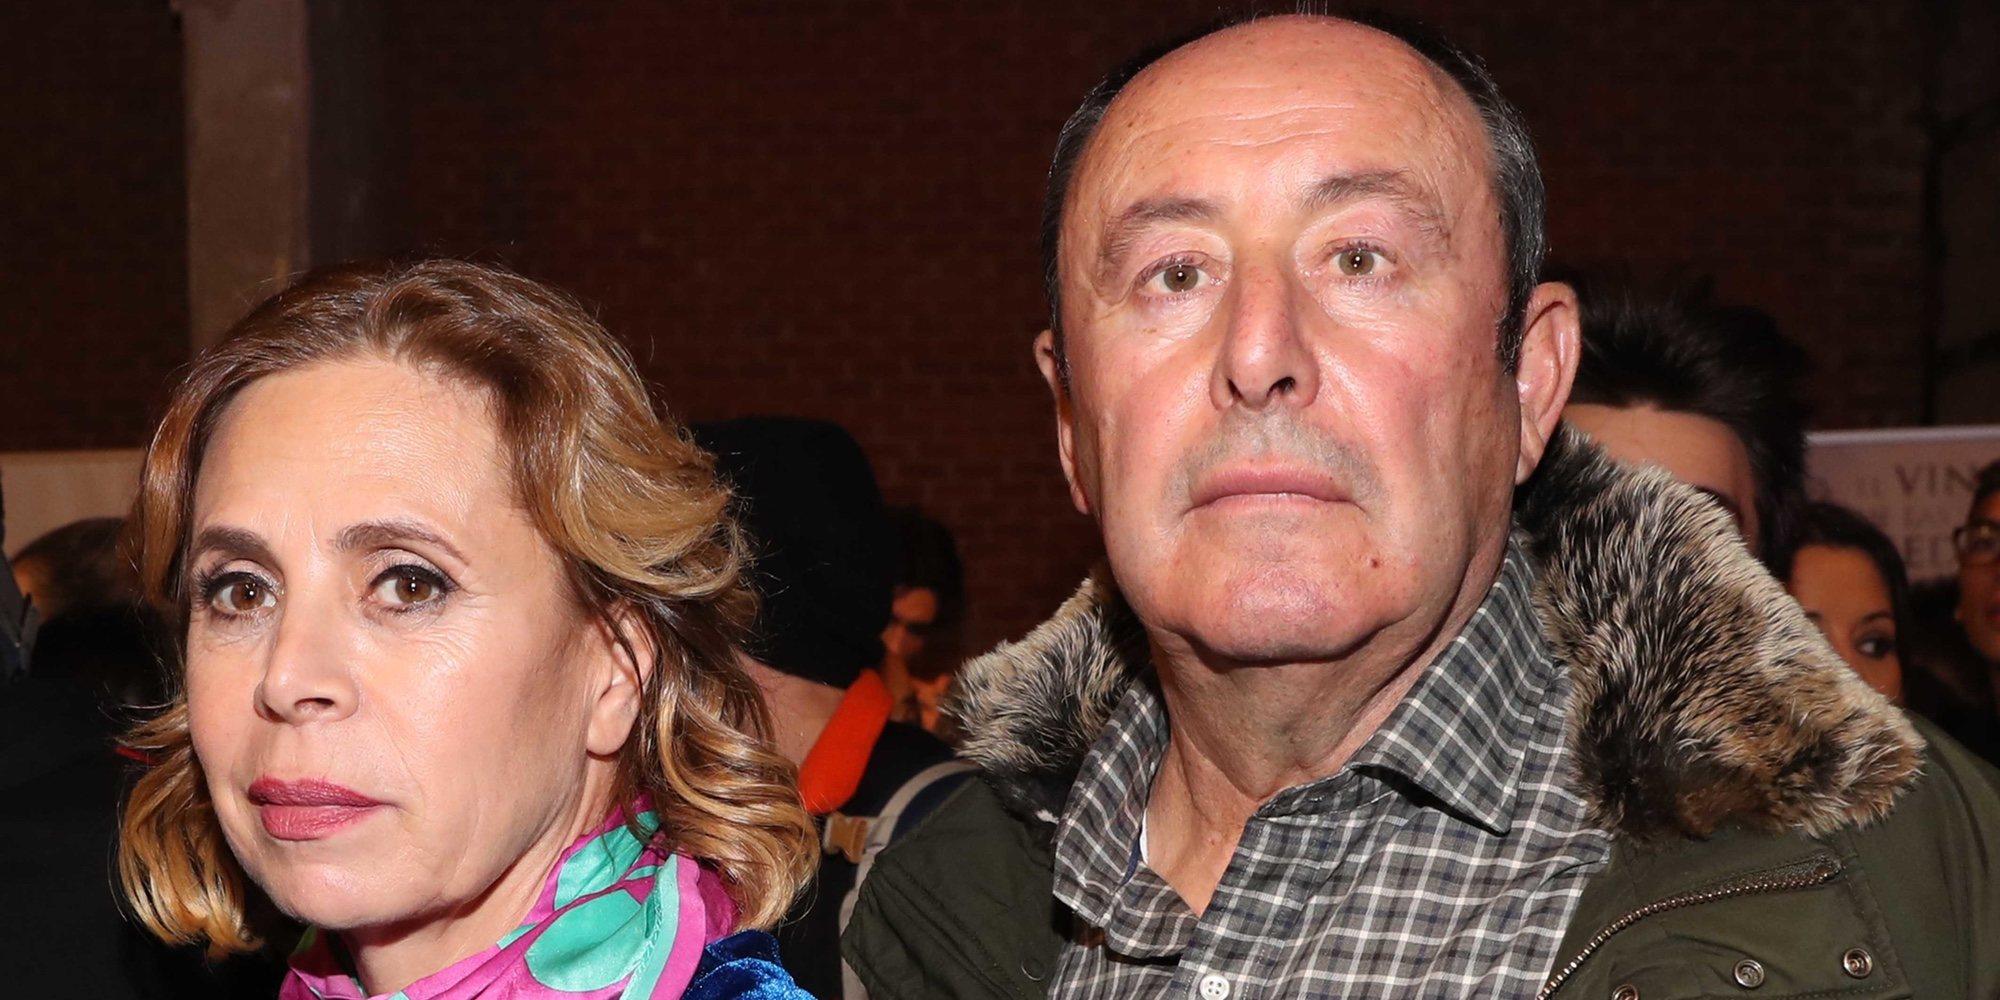 Ágatha Ruiz de la Prada rompe con Luis Miguel Rodríguez 'El chatarrero' tras ser visto con otra mujer